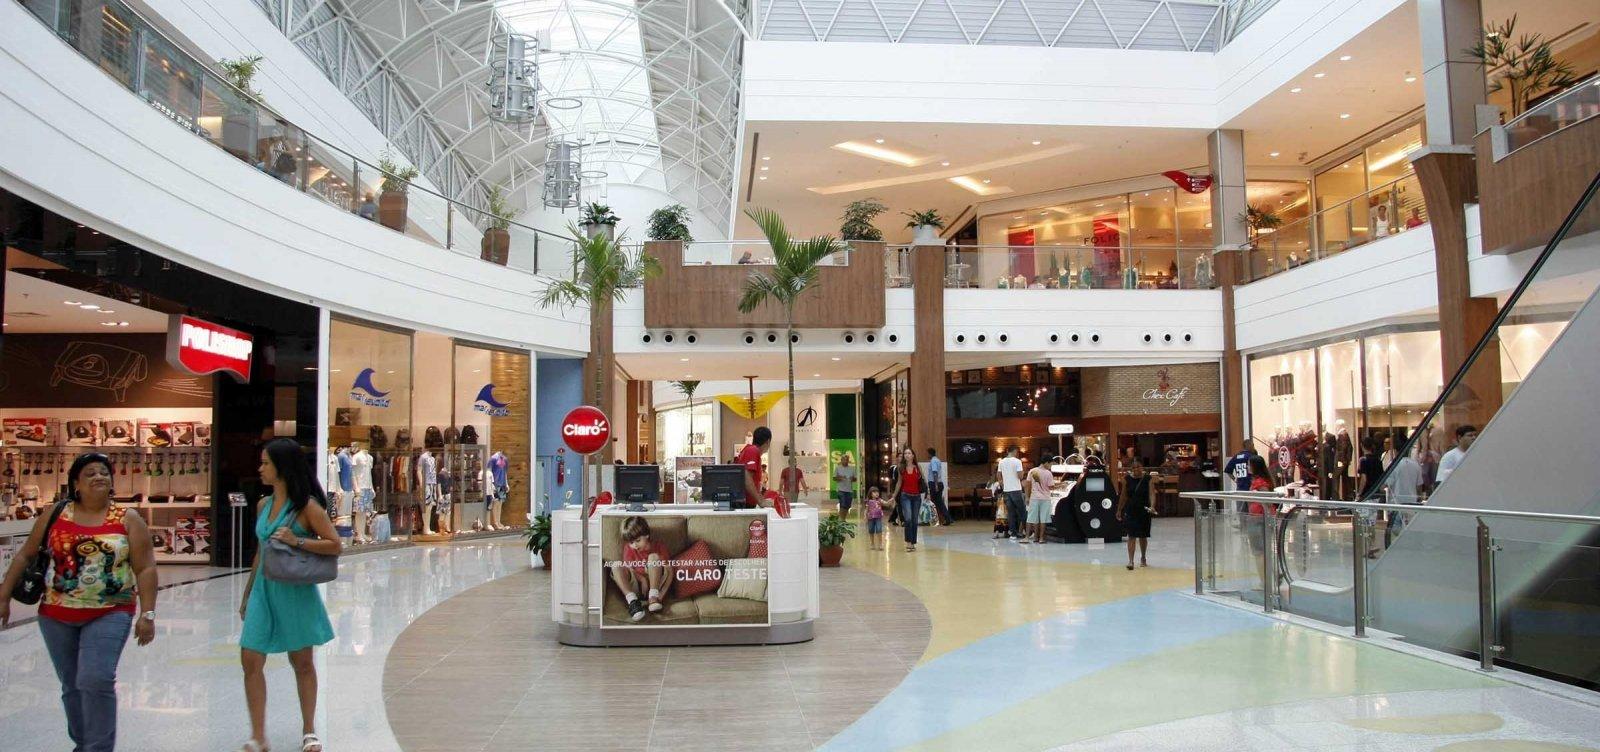 Shoppings estimam prejuízo de R$ 20 milhões com fechamento no feriadão